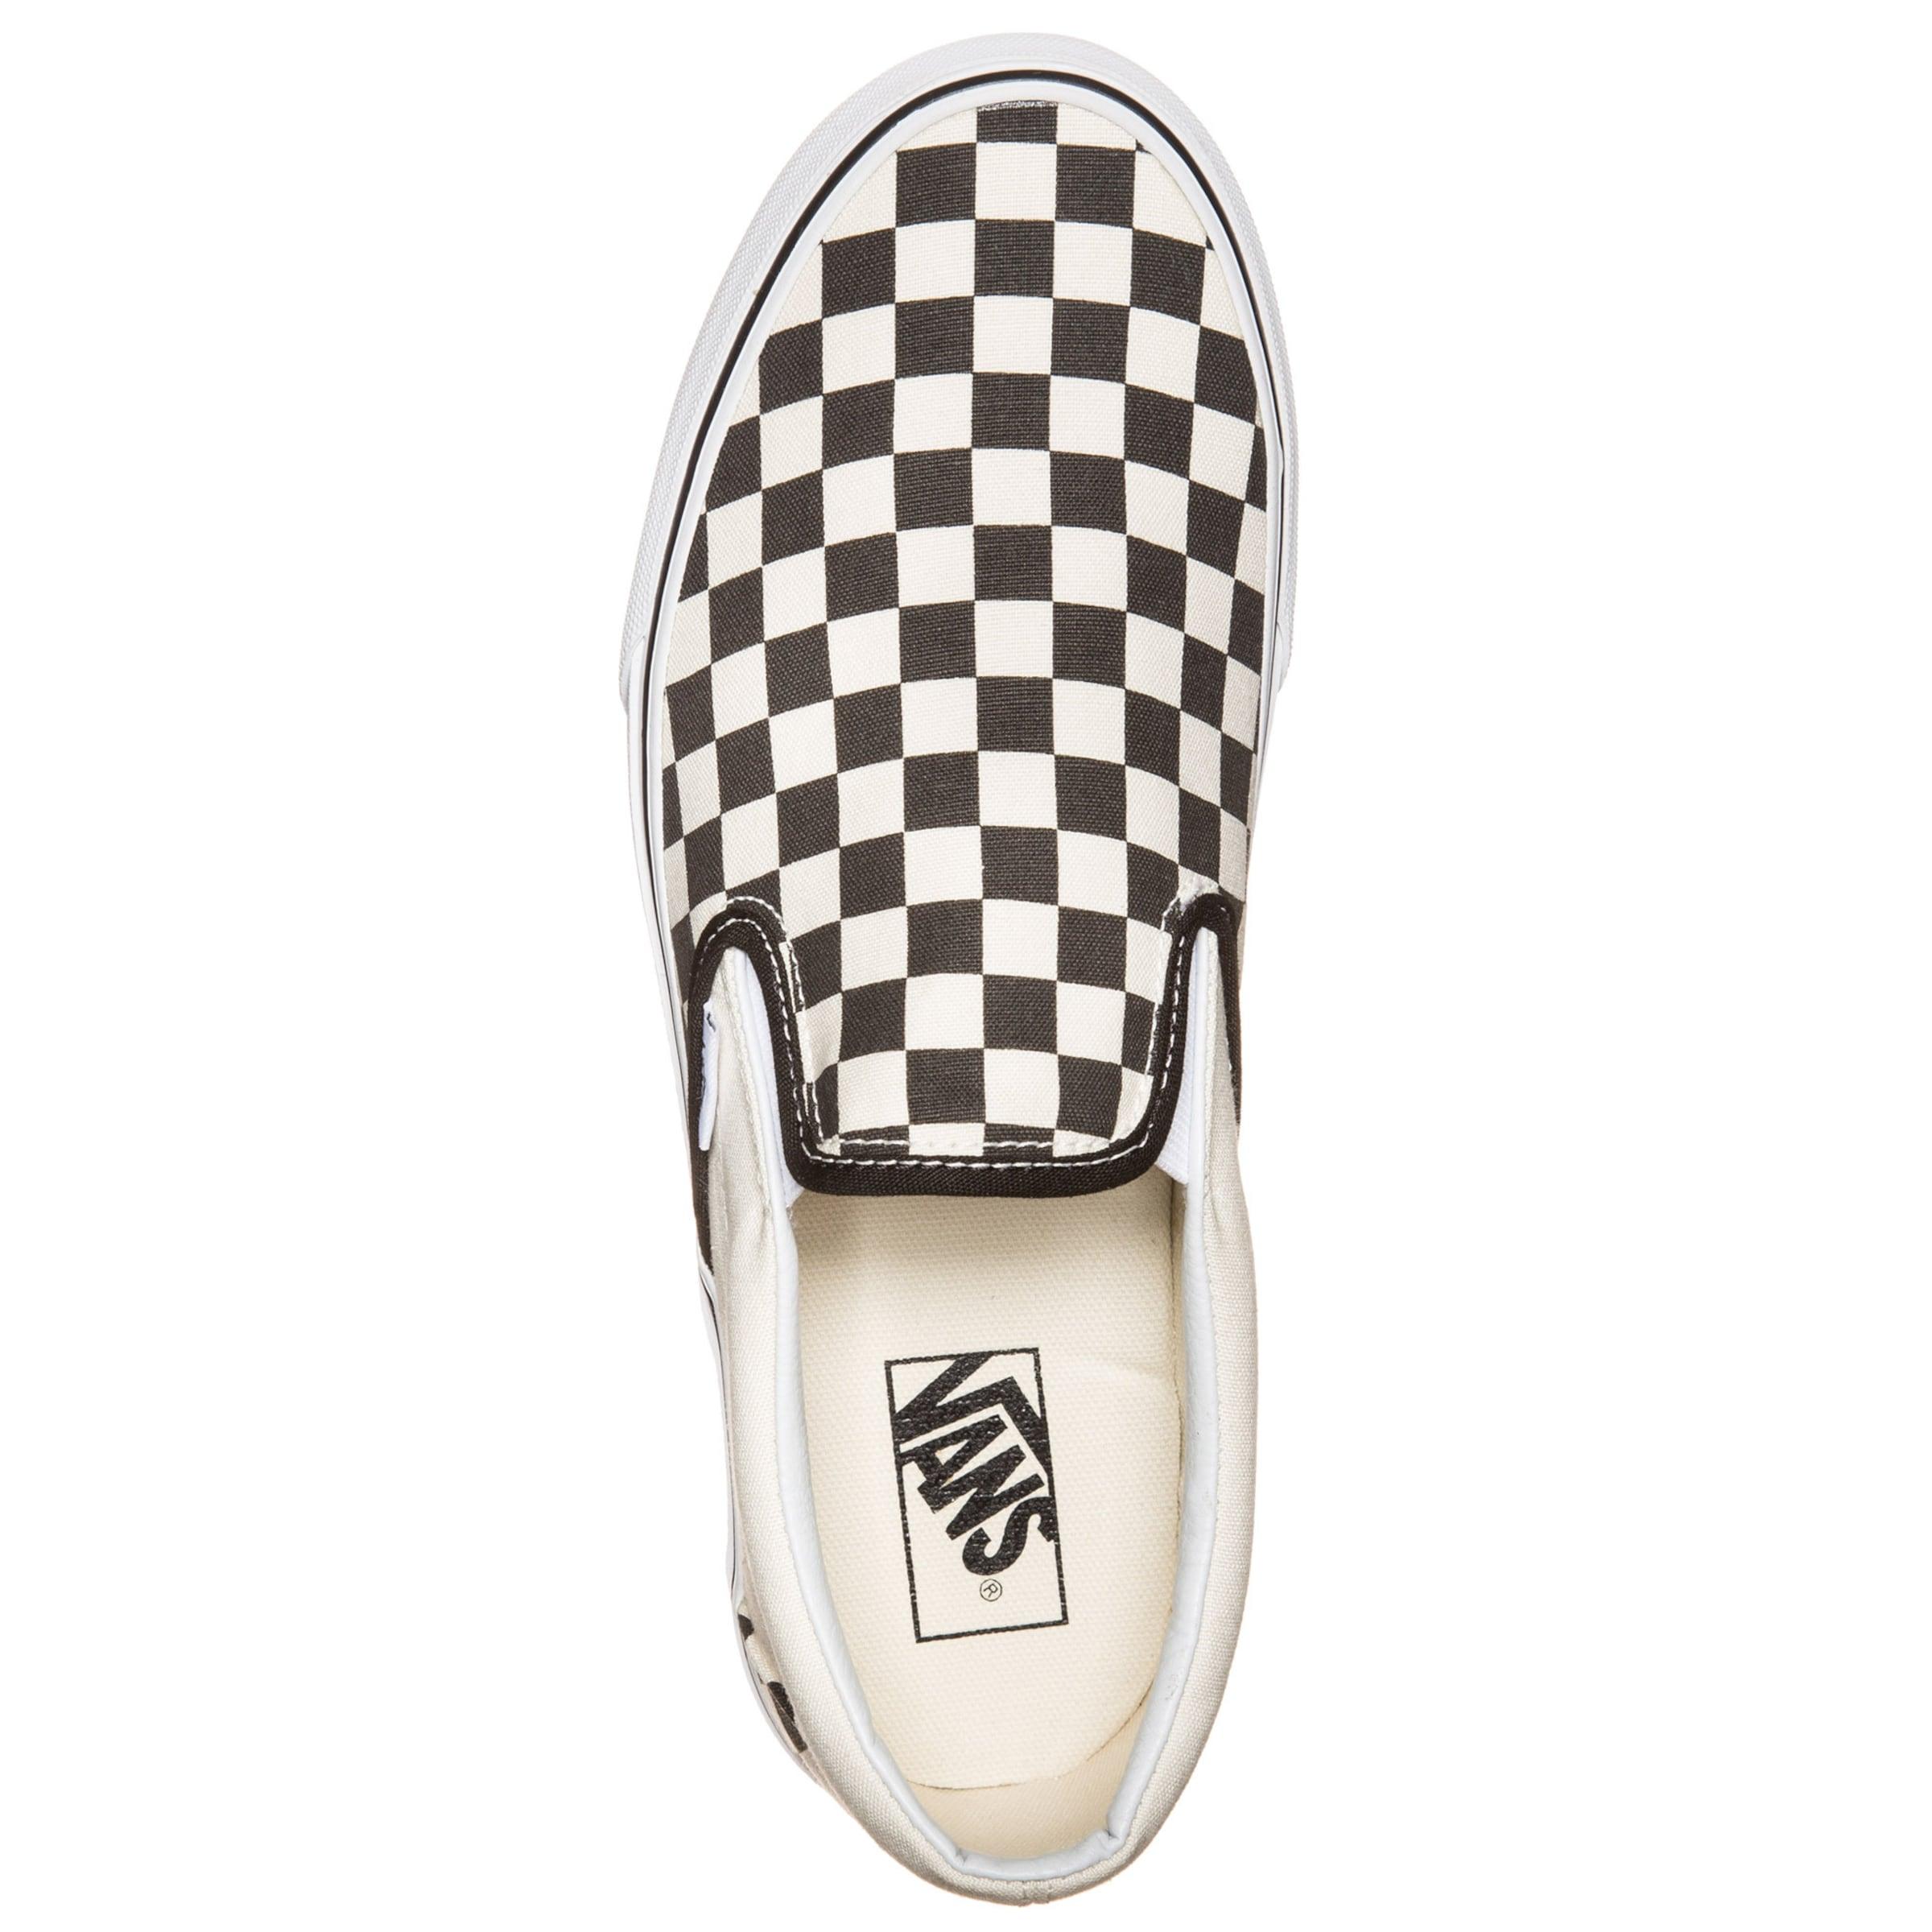 VANS Turnschuhe Classic Slip-On Slip-On Slip-On Checkerboard 100 % Textil Bequem, gut aussehend ec5cdc